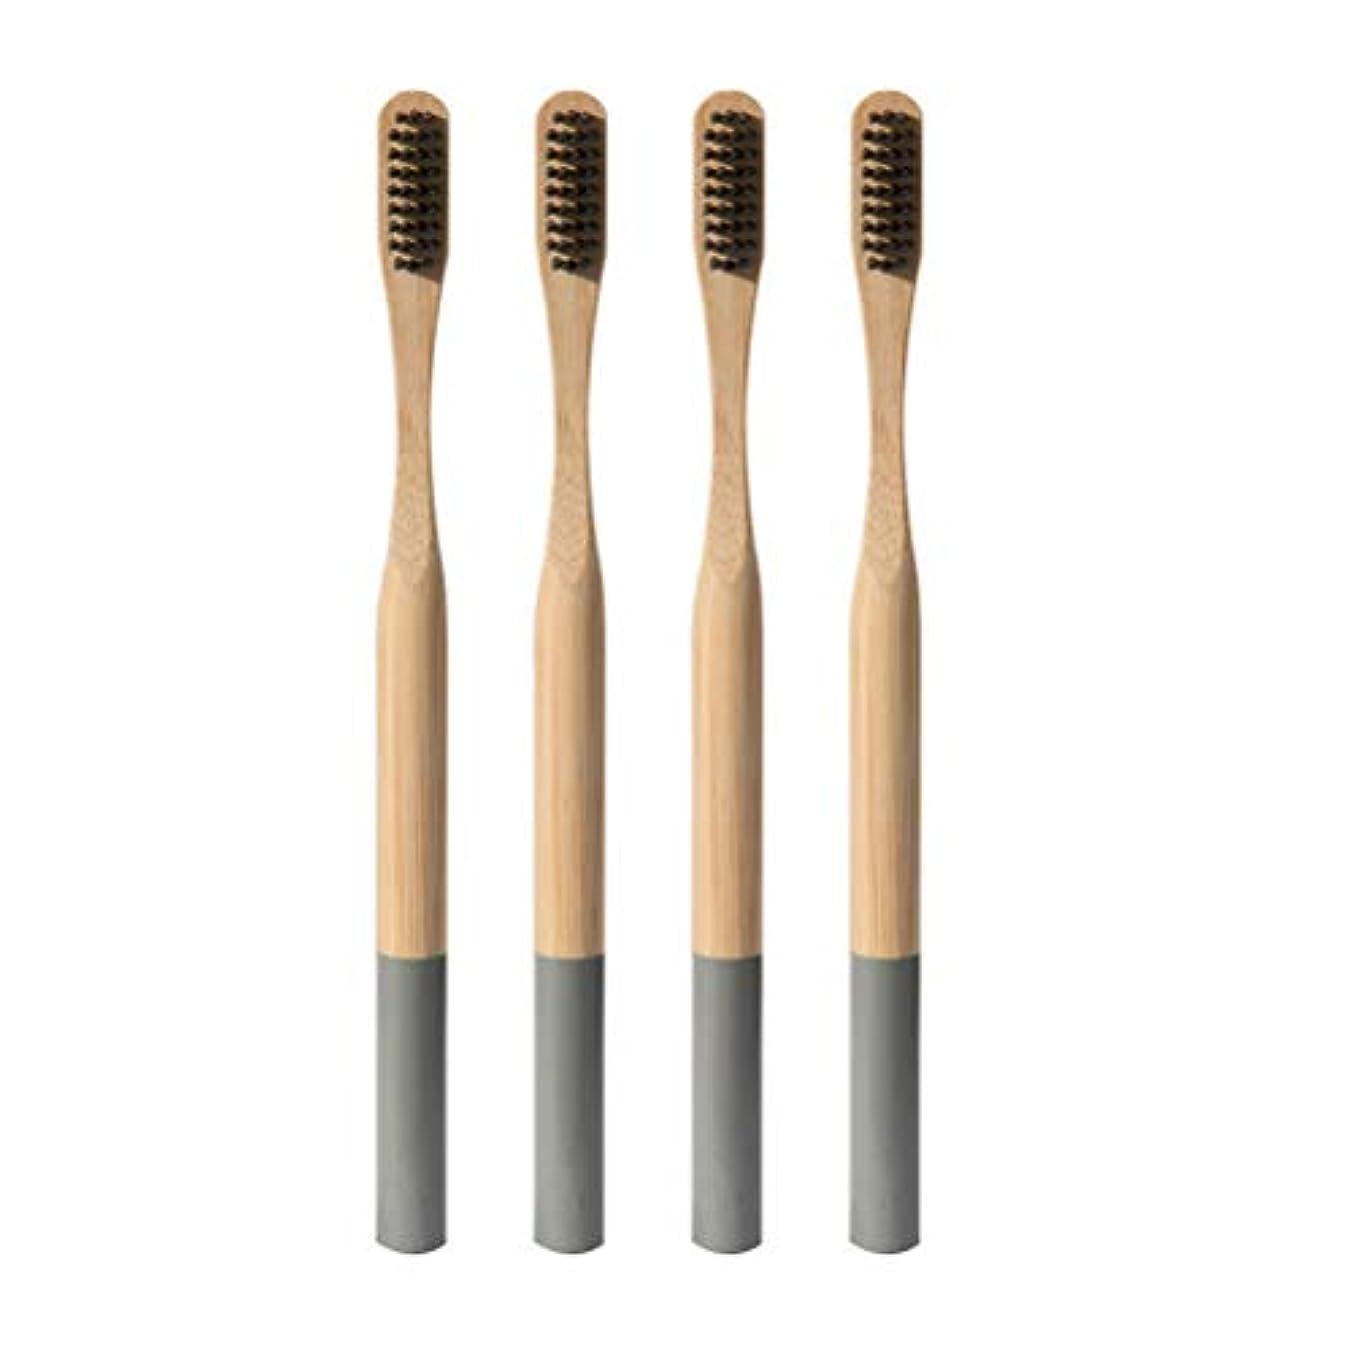 人工不十分な発表Heallily 竹歯ブラシ4ピースソフトブリッスル歯ブラシ生分解性、環境に優しいソフト歯ブラシ、大人用の細い毛を備えた抗菌歯ブラシ(グレー)